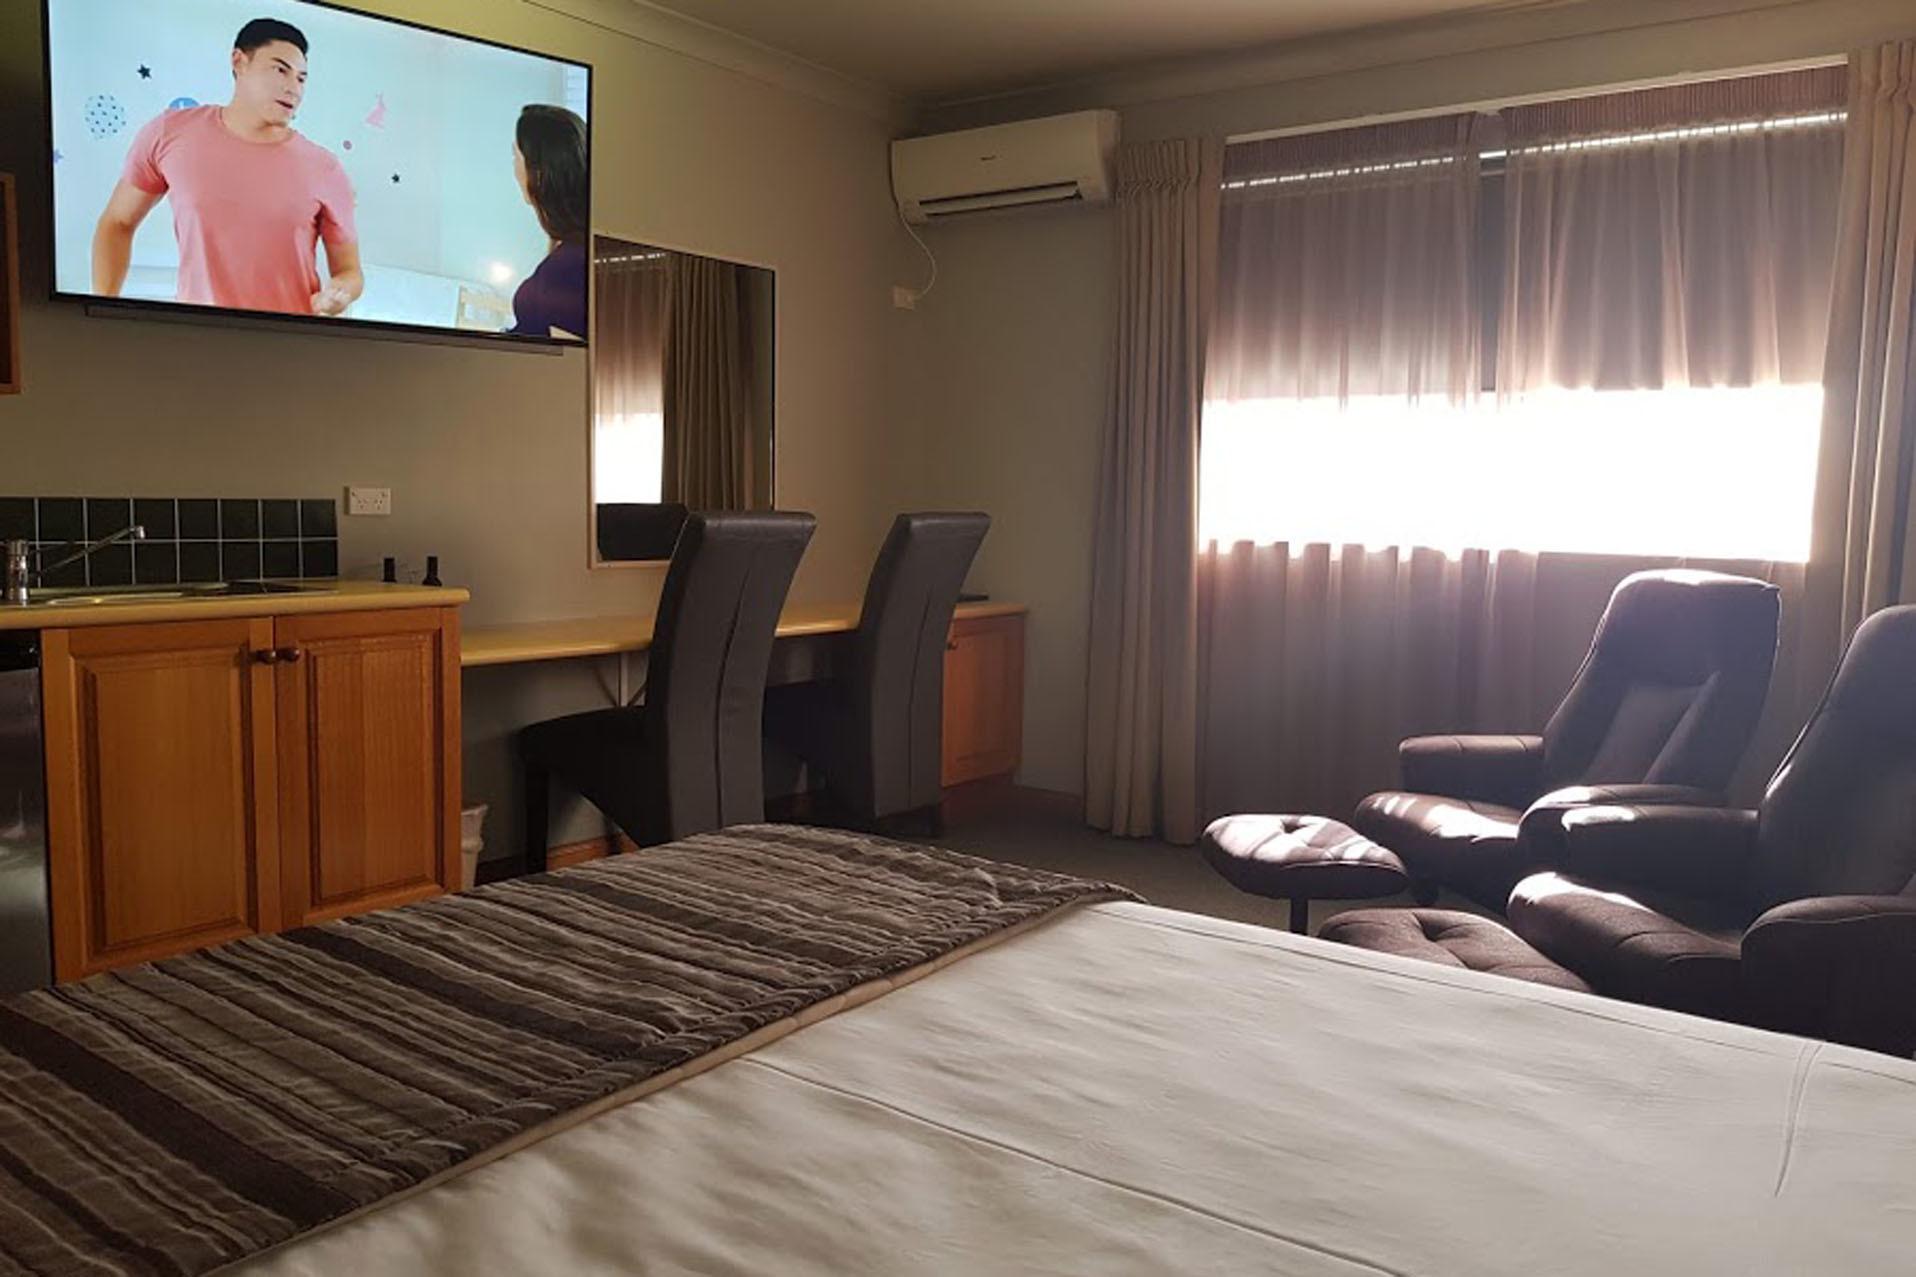 h - Cannon Park Motel